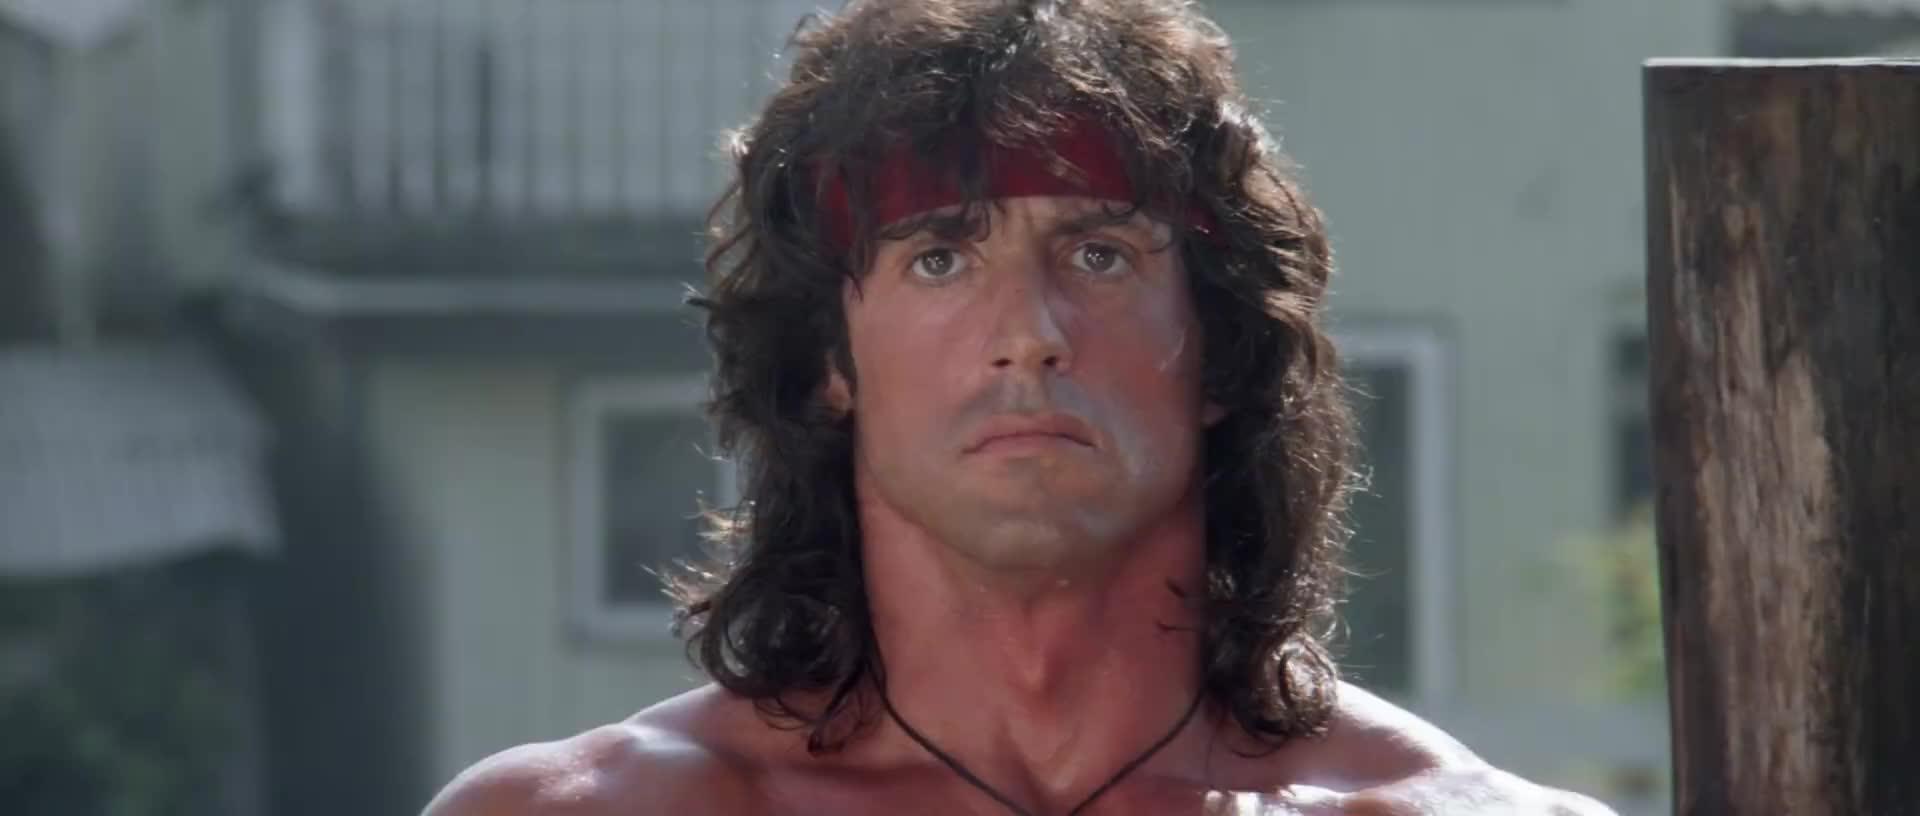 People & Blogs, WANMA ', people & blogs, rambo, sylvester stallone, wanma ', Rambo III : Fight Scene GIFs